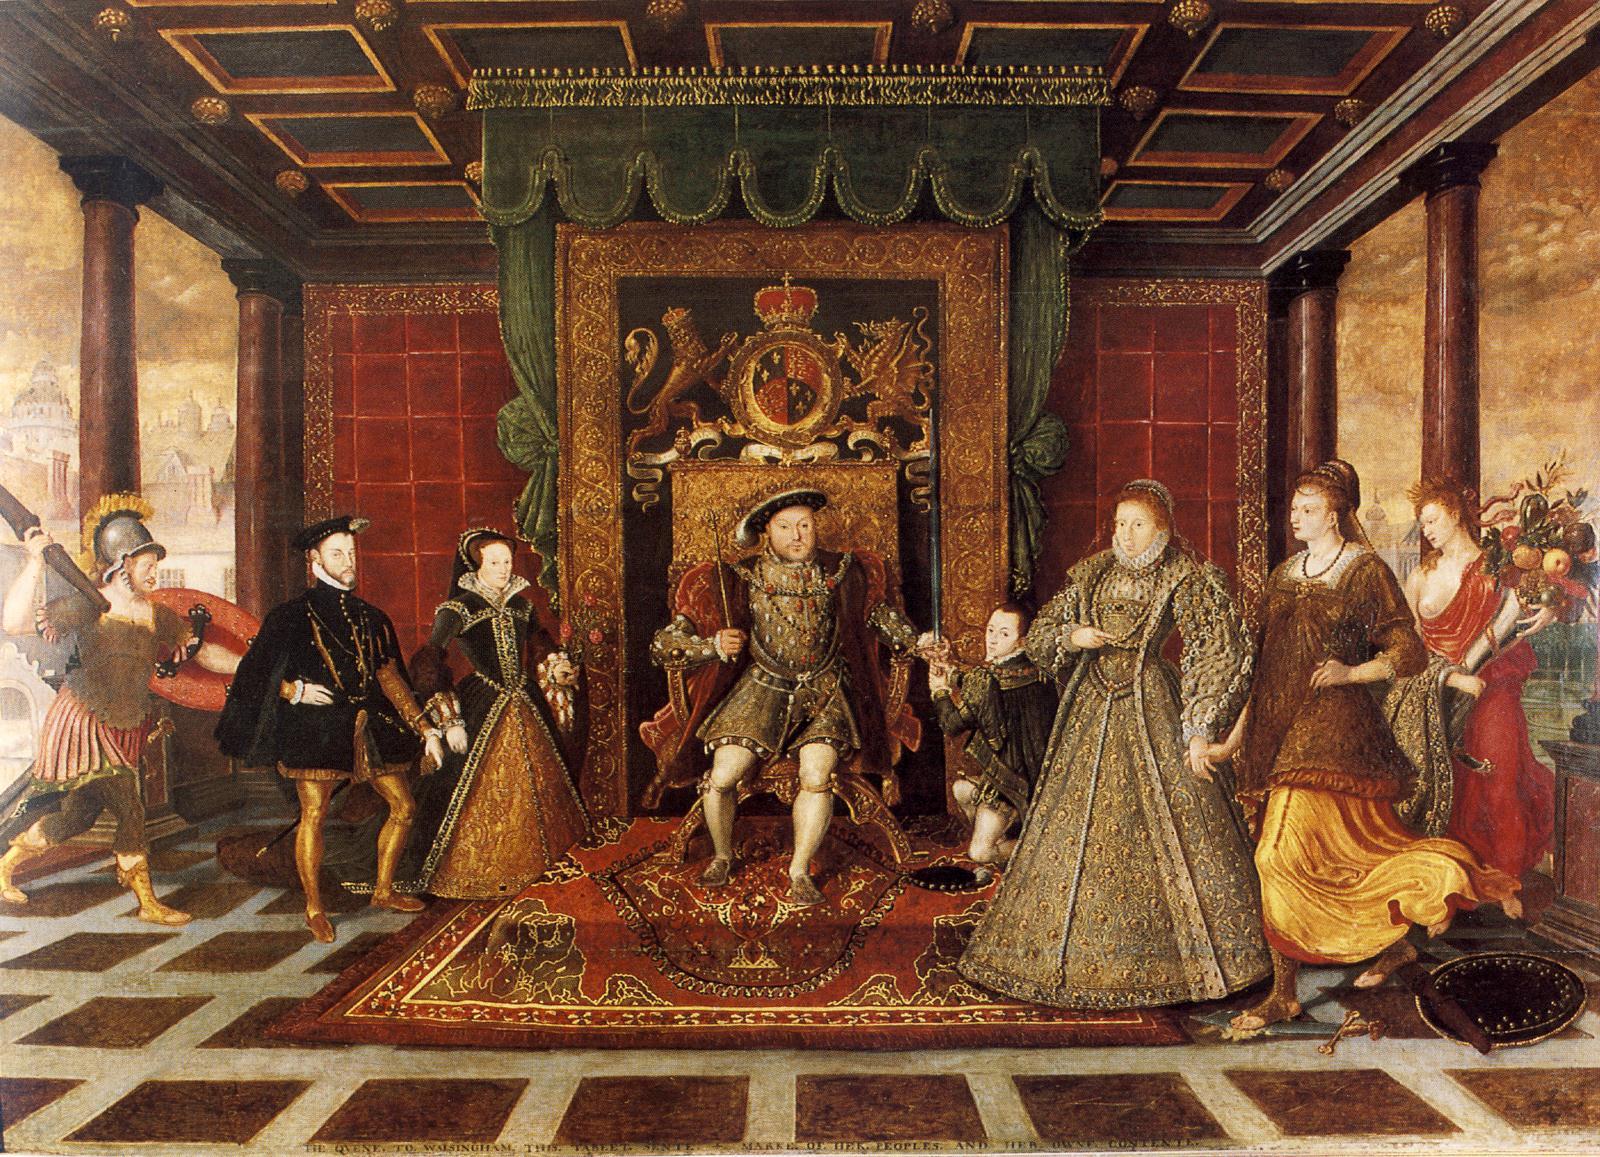 Na anglickém dvoře se v 1. polovině 16. století dobré mravy a galantnost k ženám stávají samozřejmostí